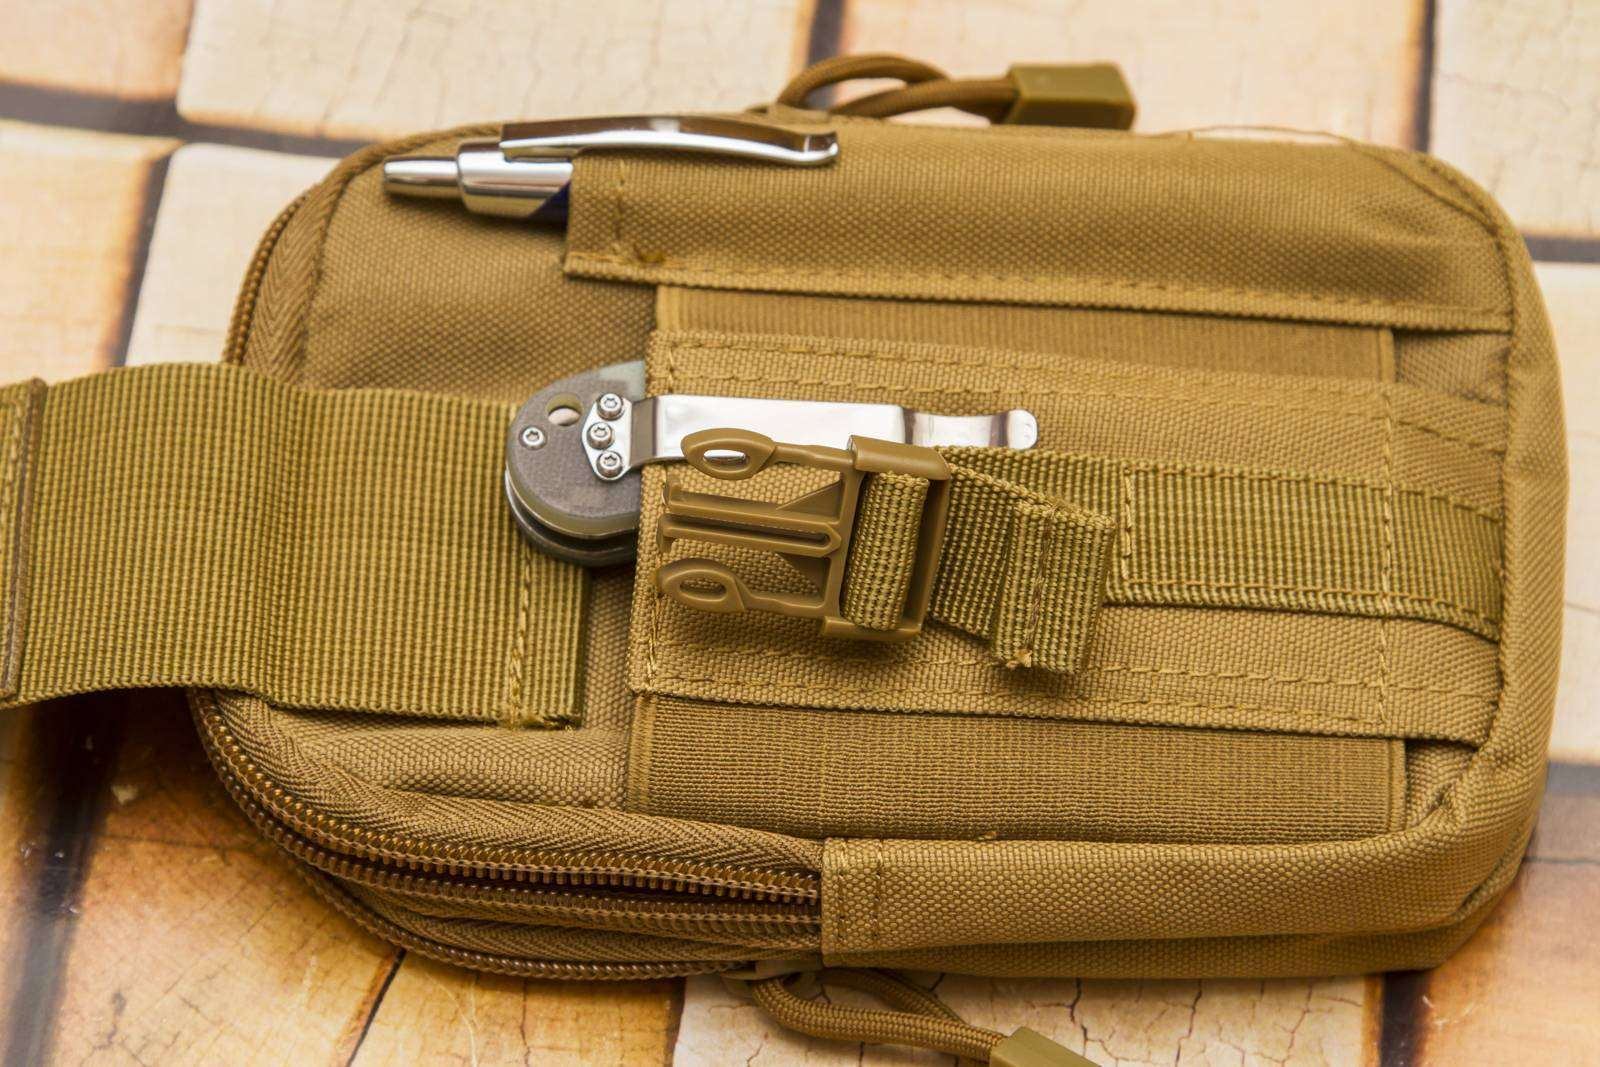 Aliexpress: Поясная тактическая сумка